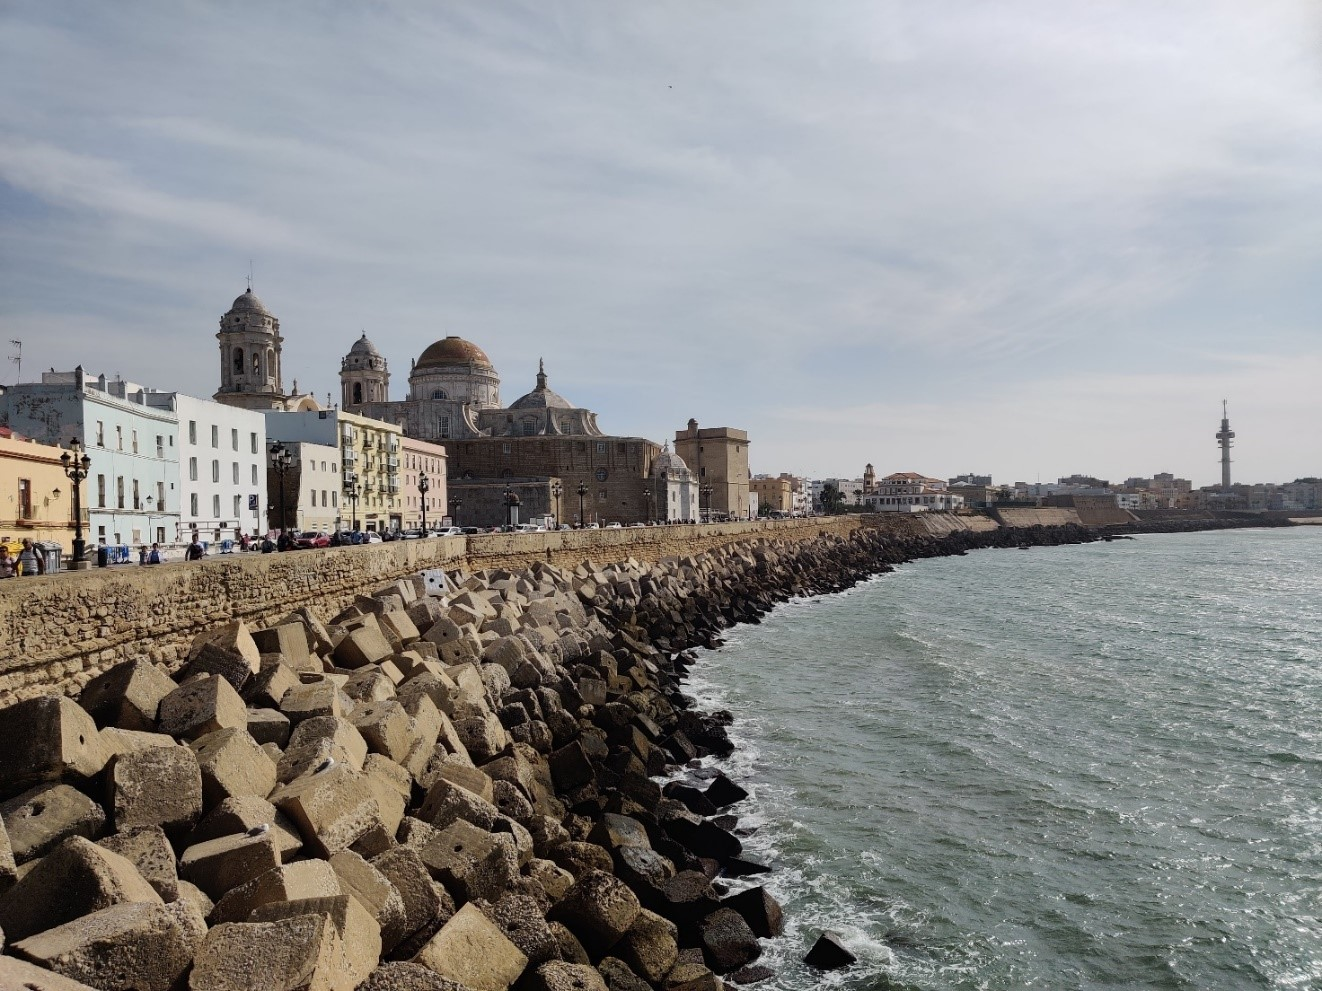 Kuvassa näkyy Cádizin rantaviivaa. Vasemmalla taloja ja suuri katedraali. Oikealla valtameri, jonka aallot osuvat rantavalliin